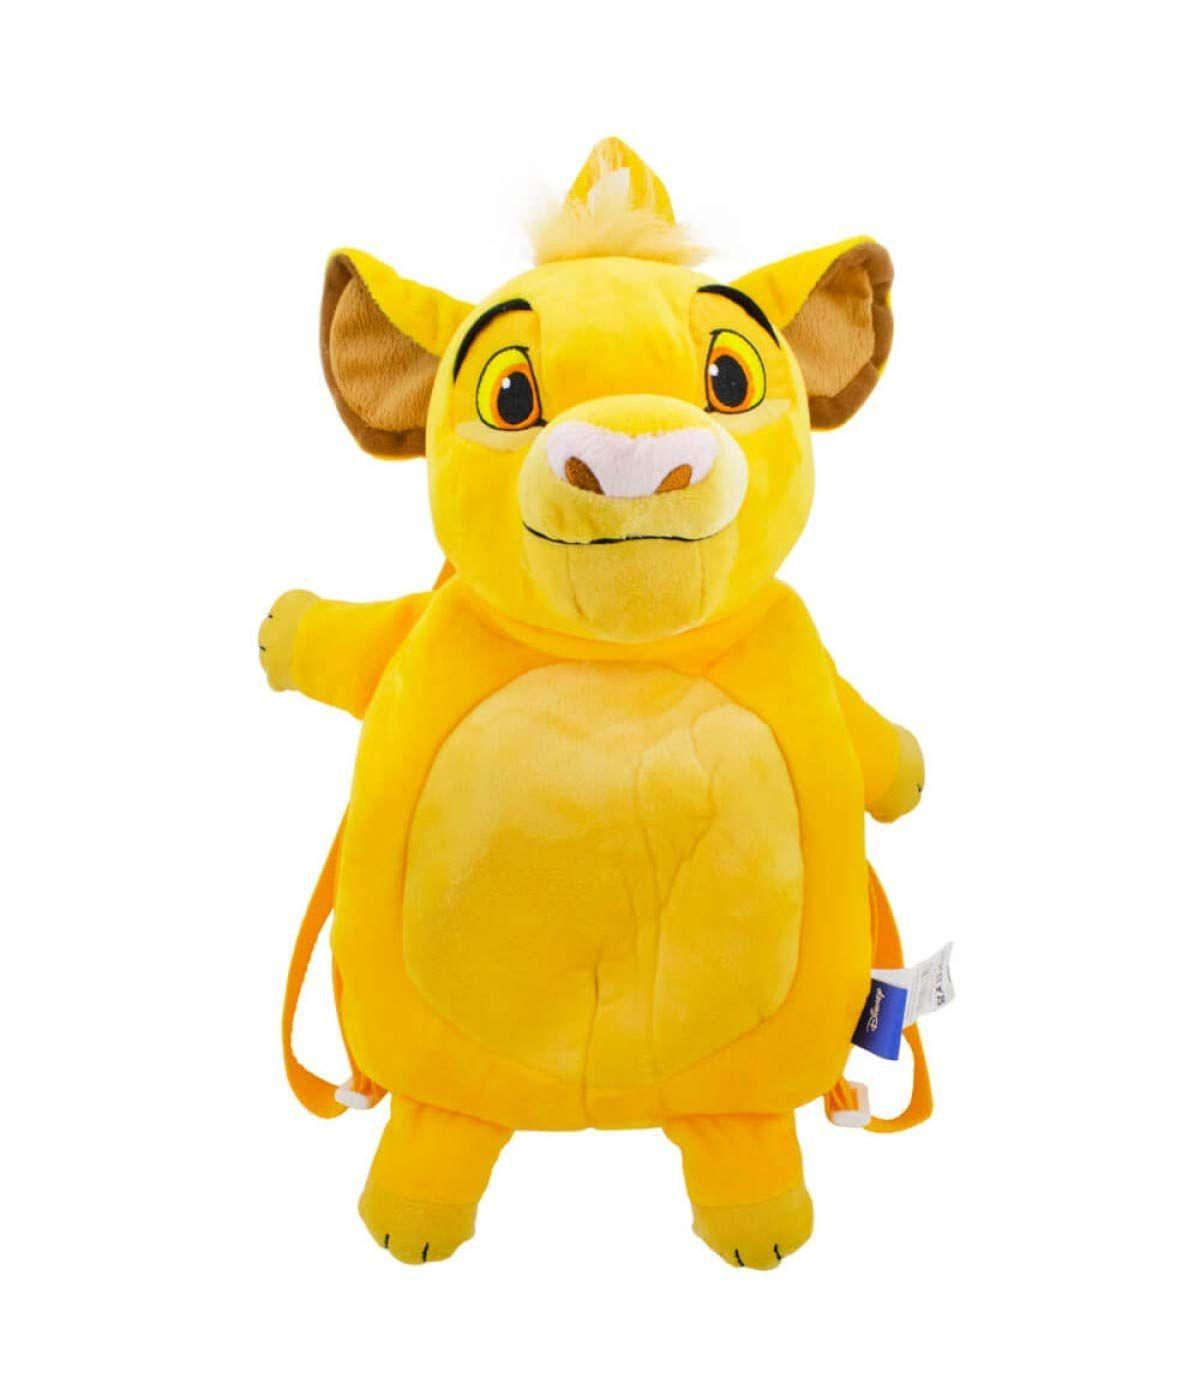 Mochila Simba: O Rei Leão - Disney